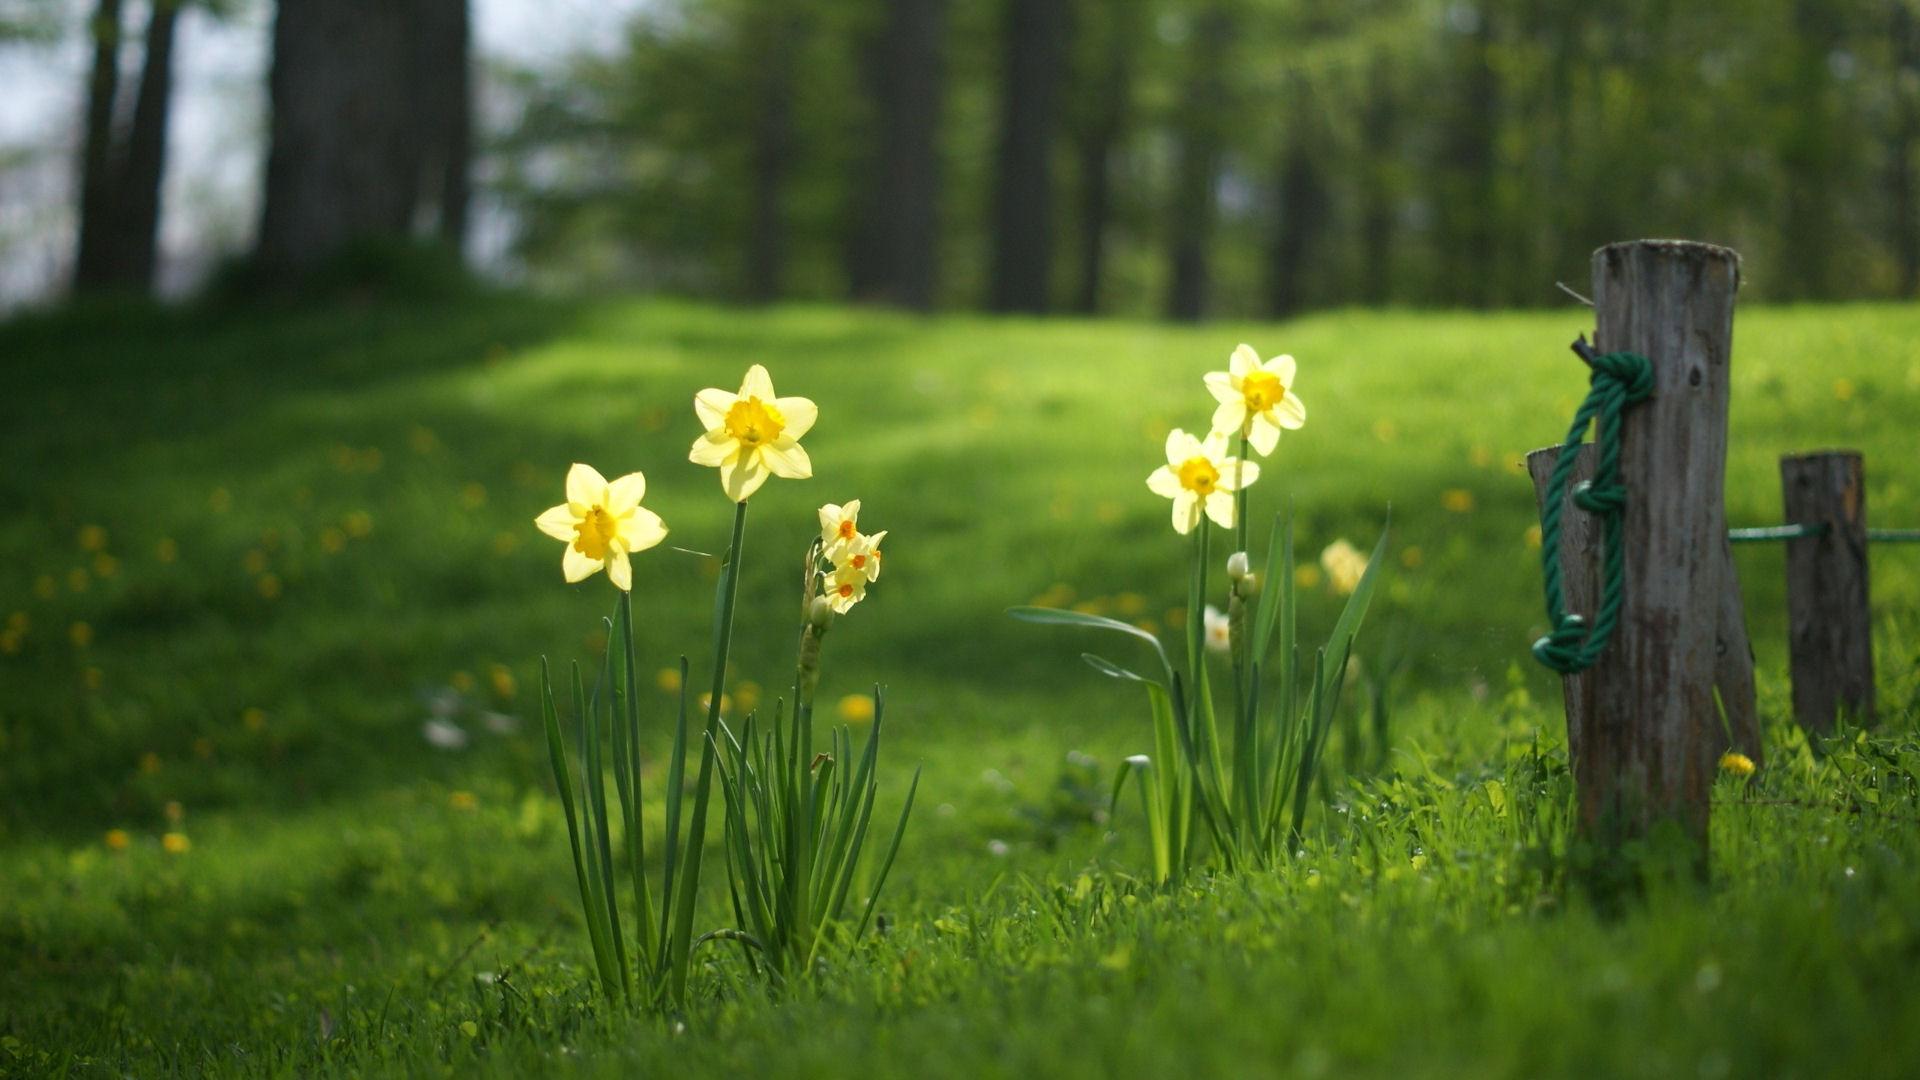 flowers_grass_1920x1080.jpg